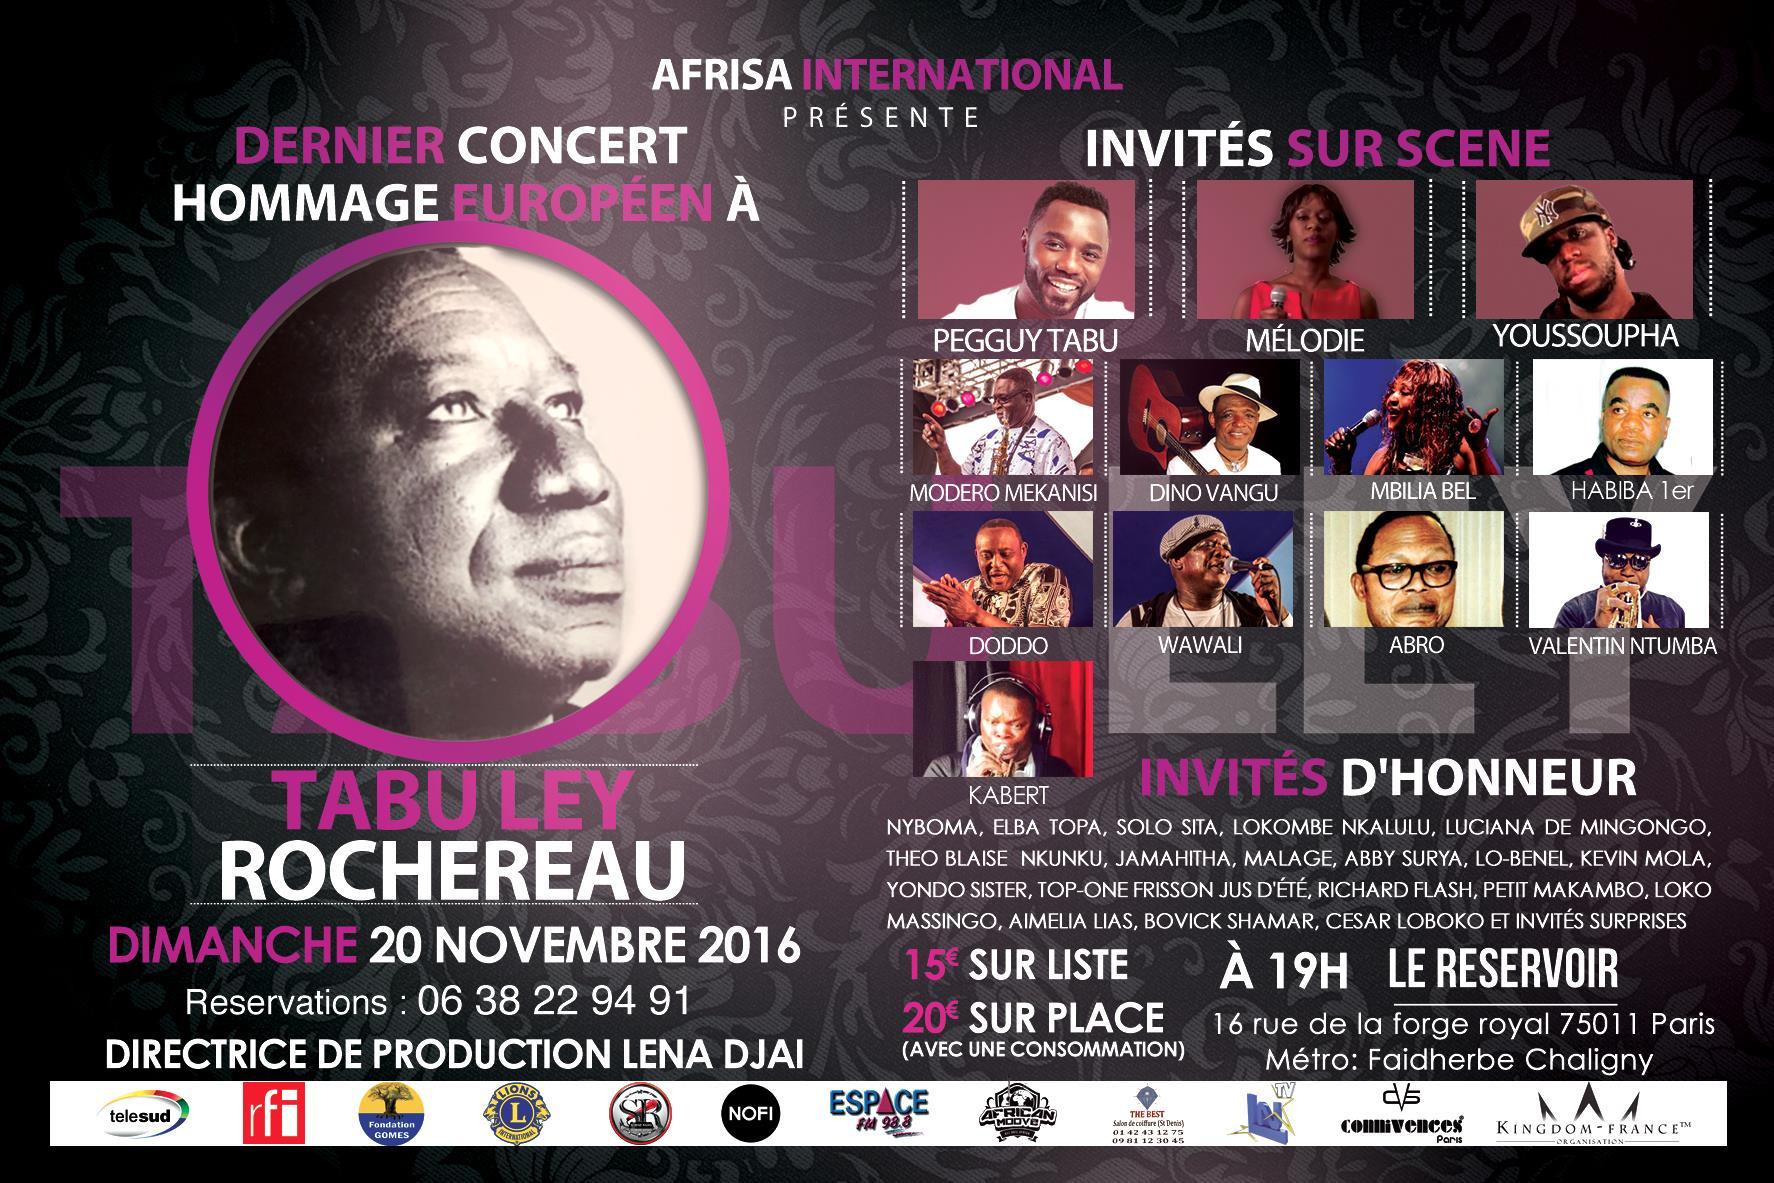 Dernier concert hommage européen à Tabu Ley Rochereau